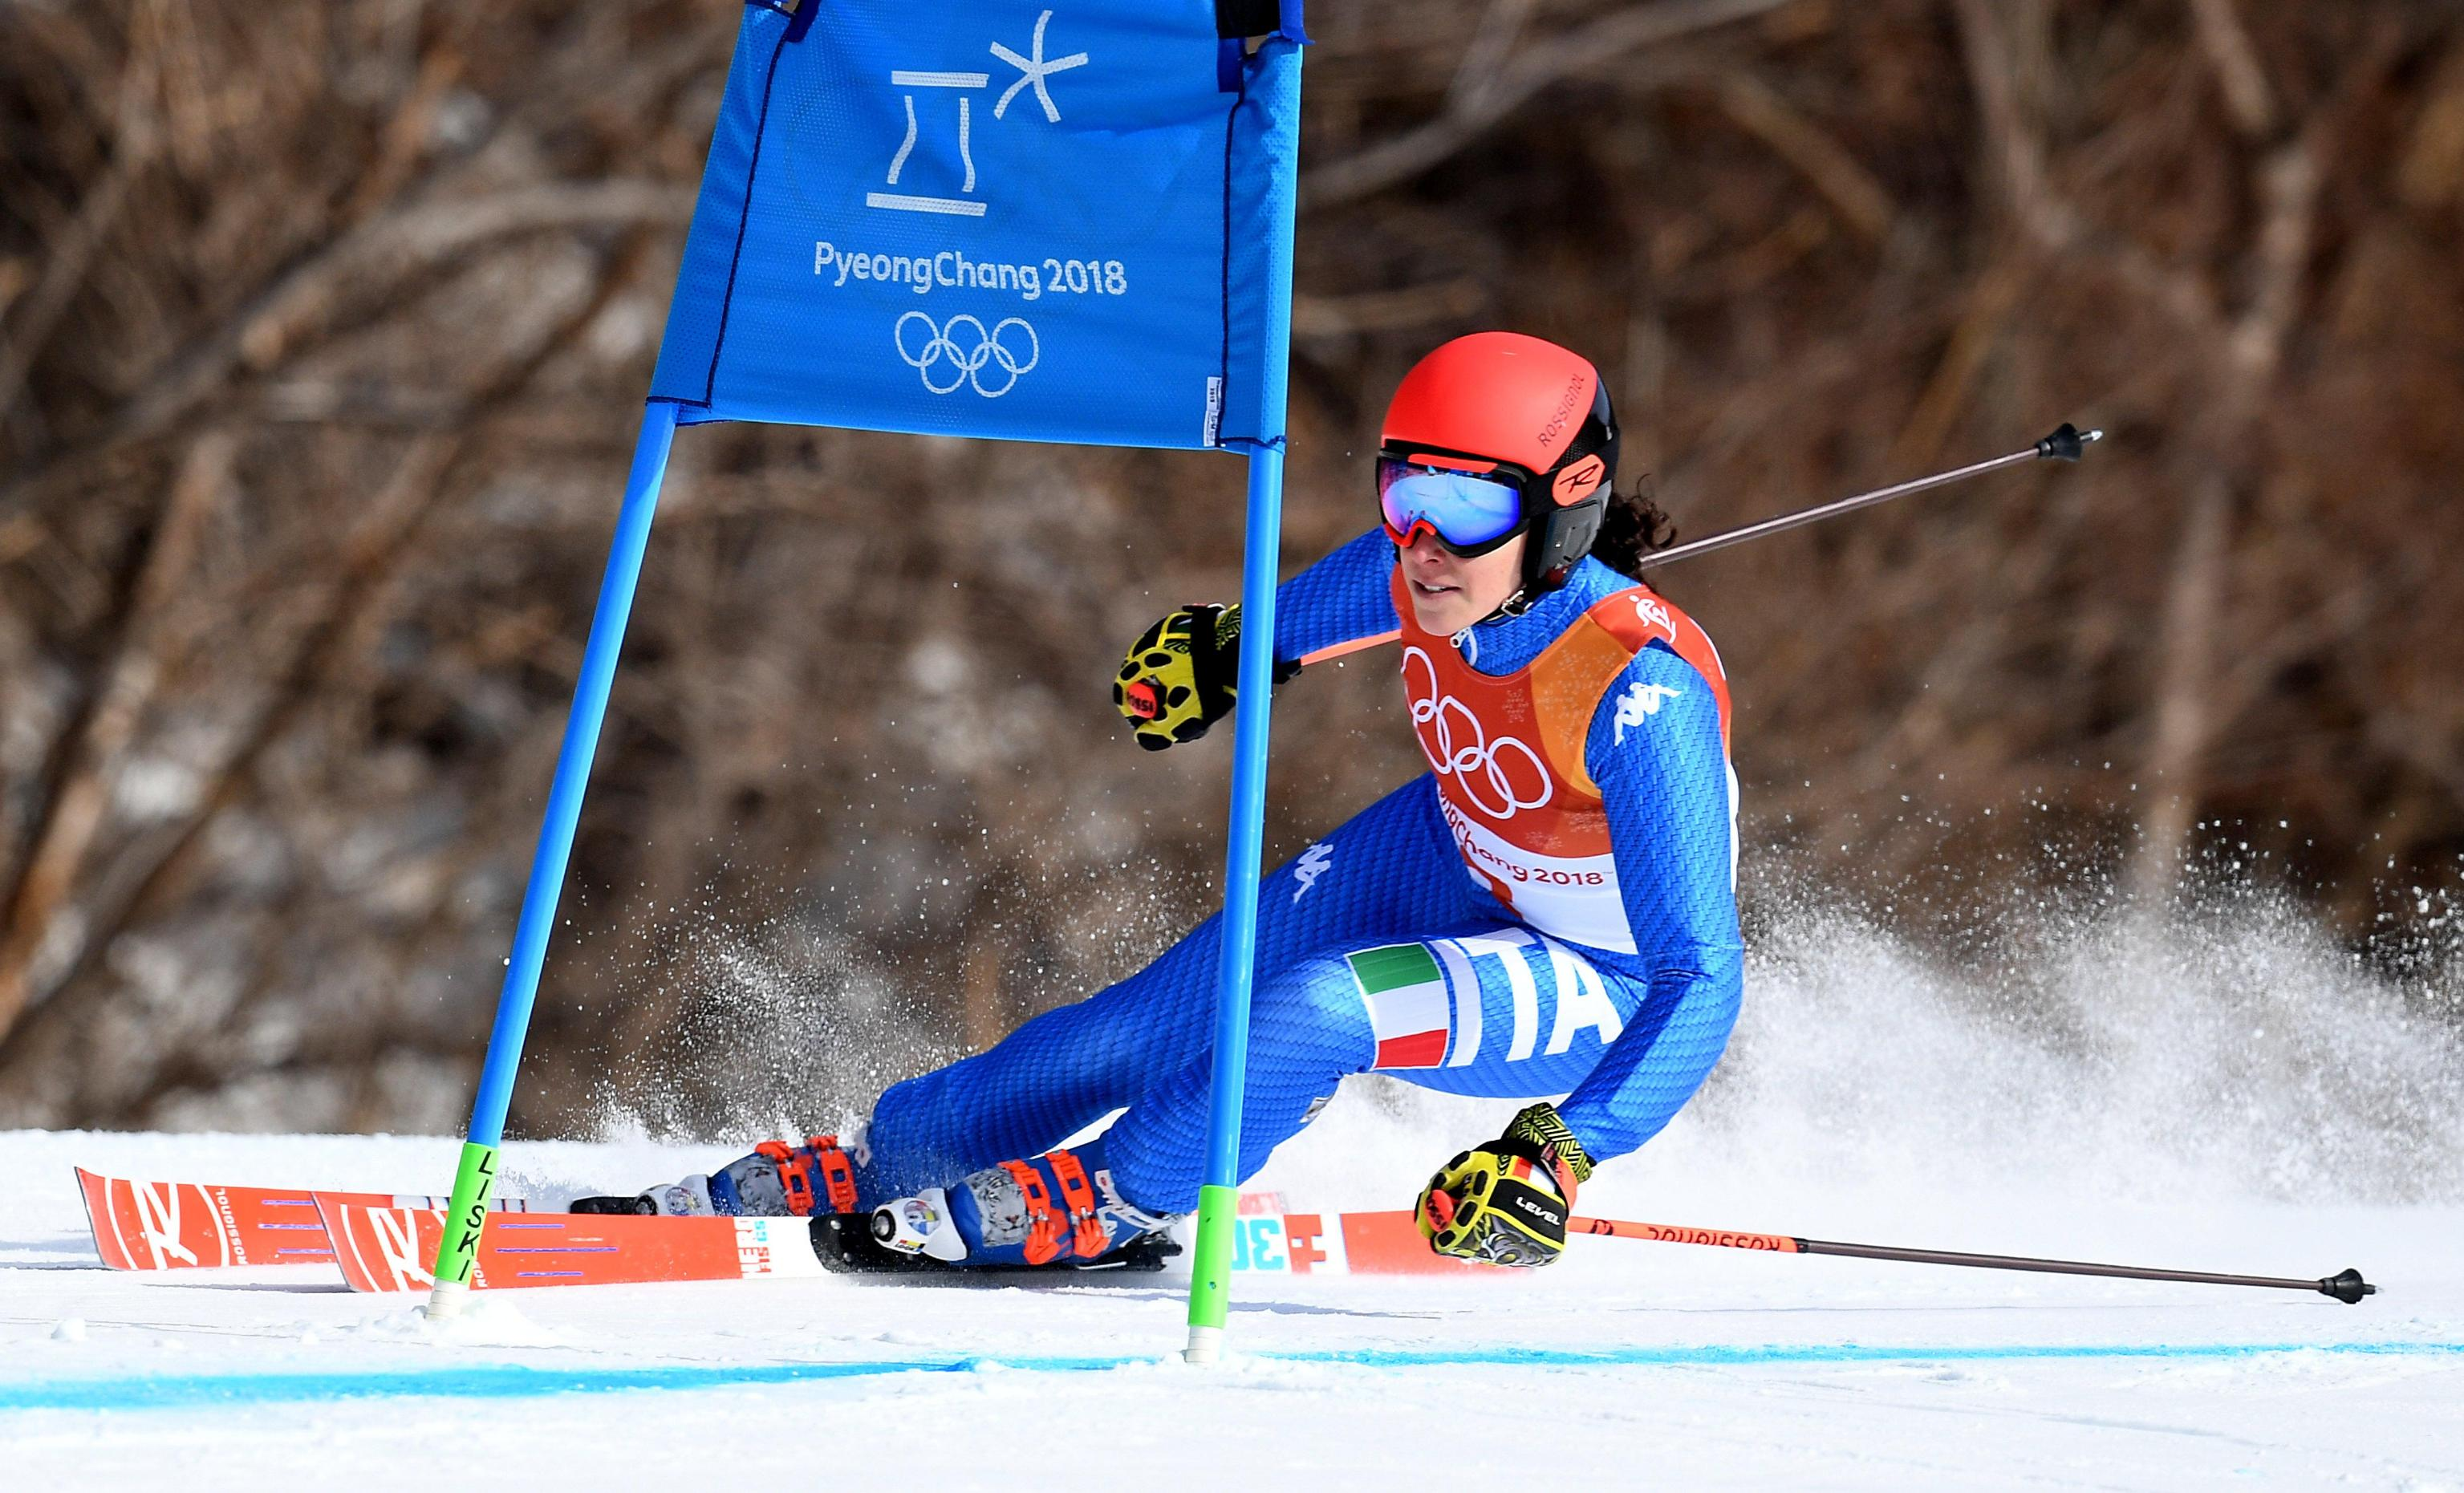 Simone Valente, ecco il grillino che ha fatto saltare le Olimpiadi in Italia